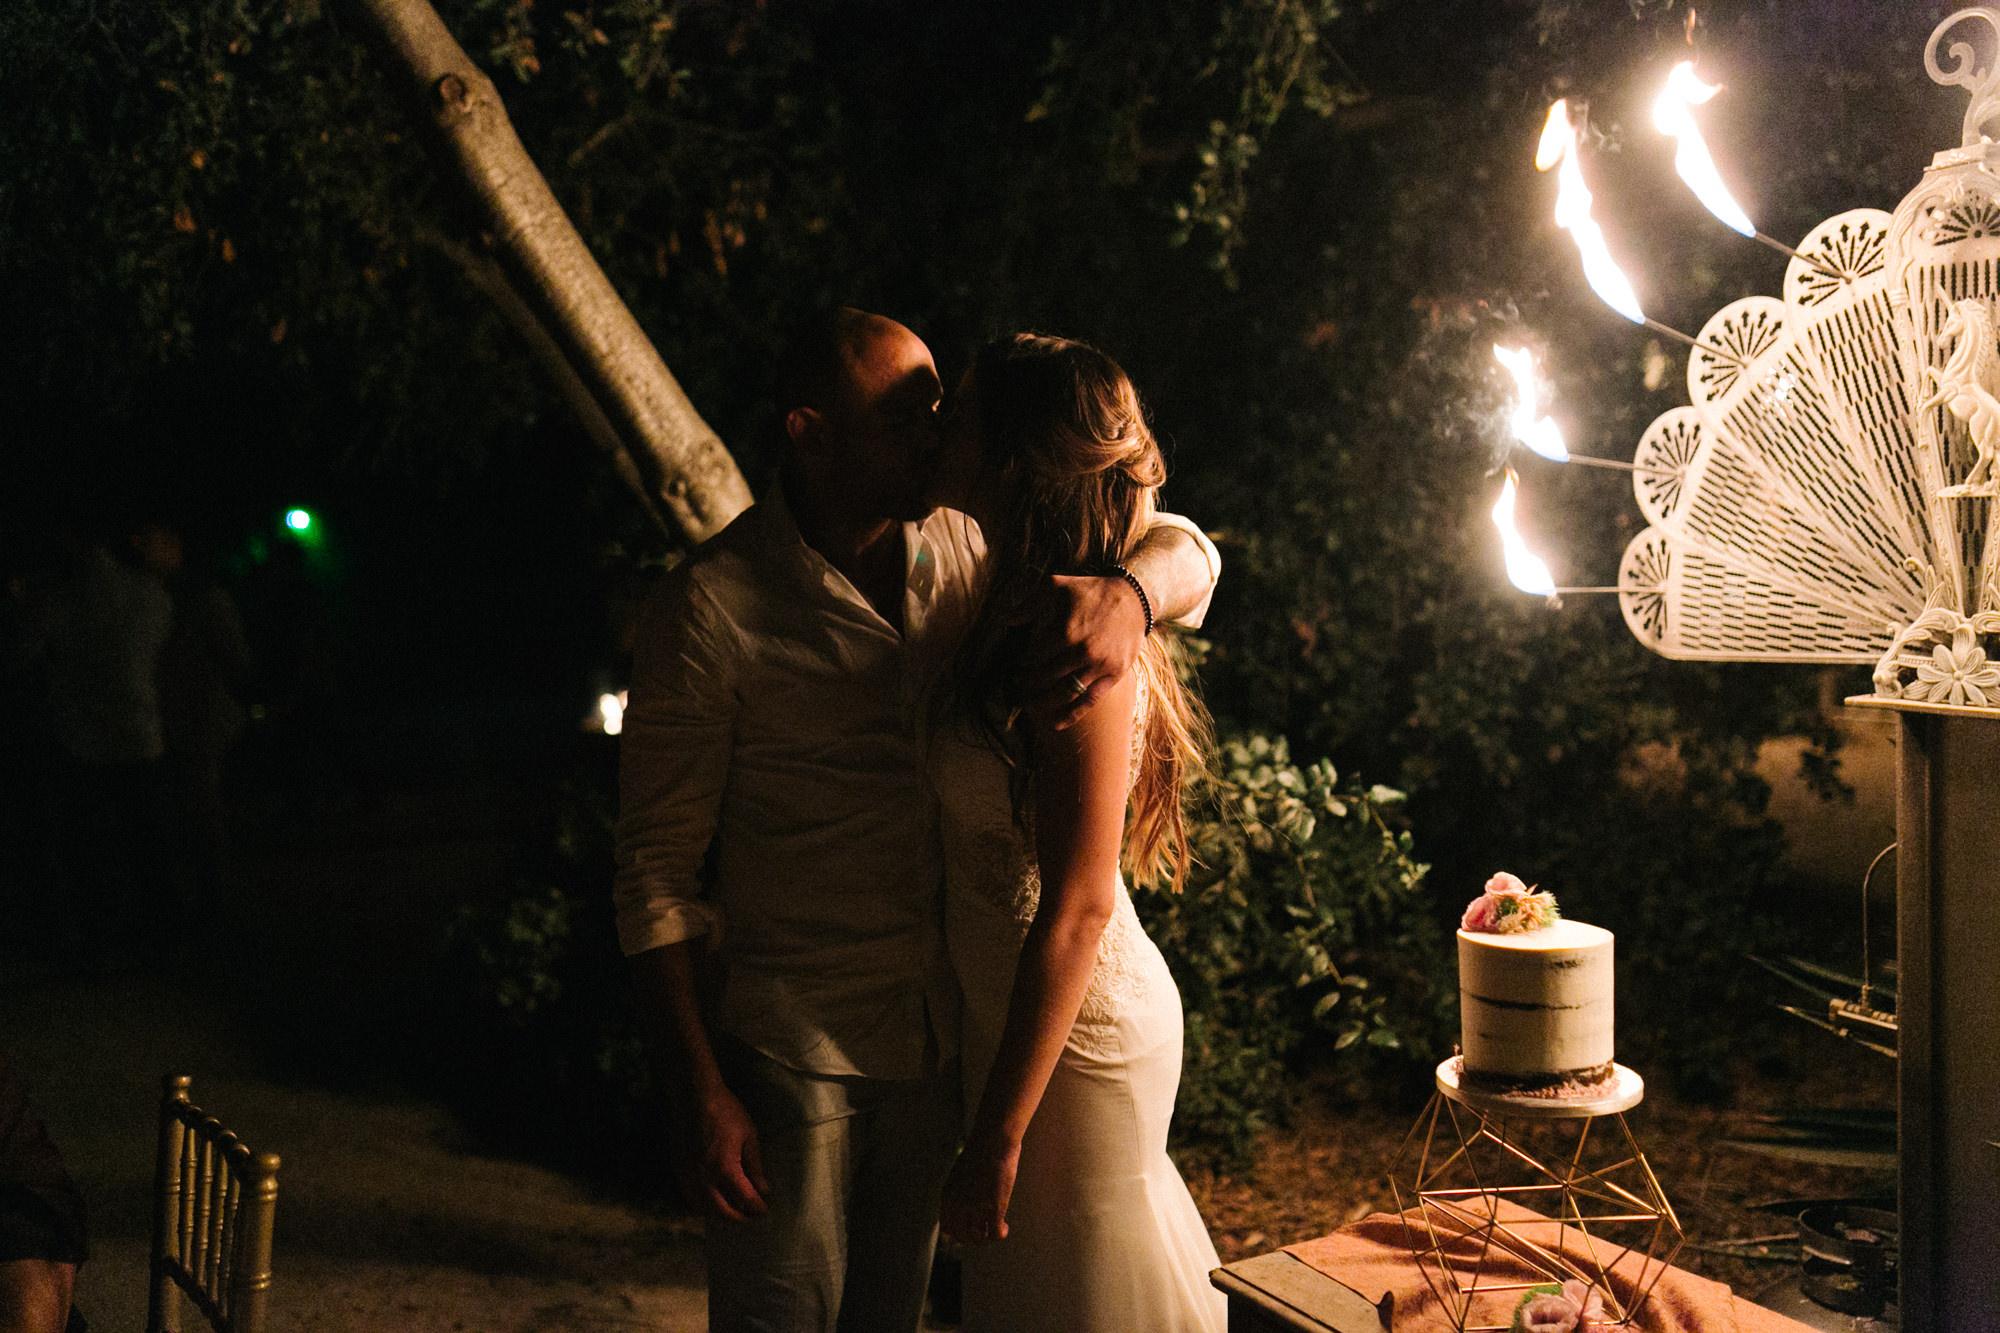 the_fire_garden_wedding-76.jpg